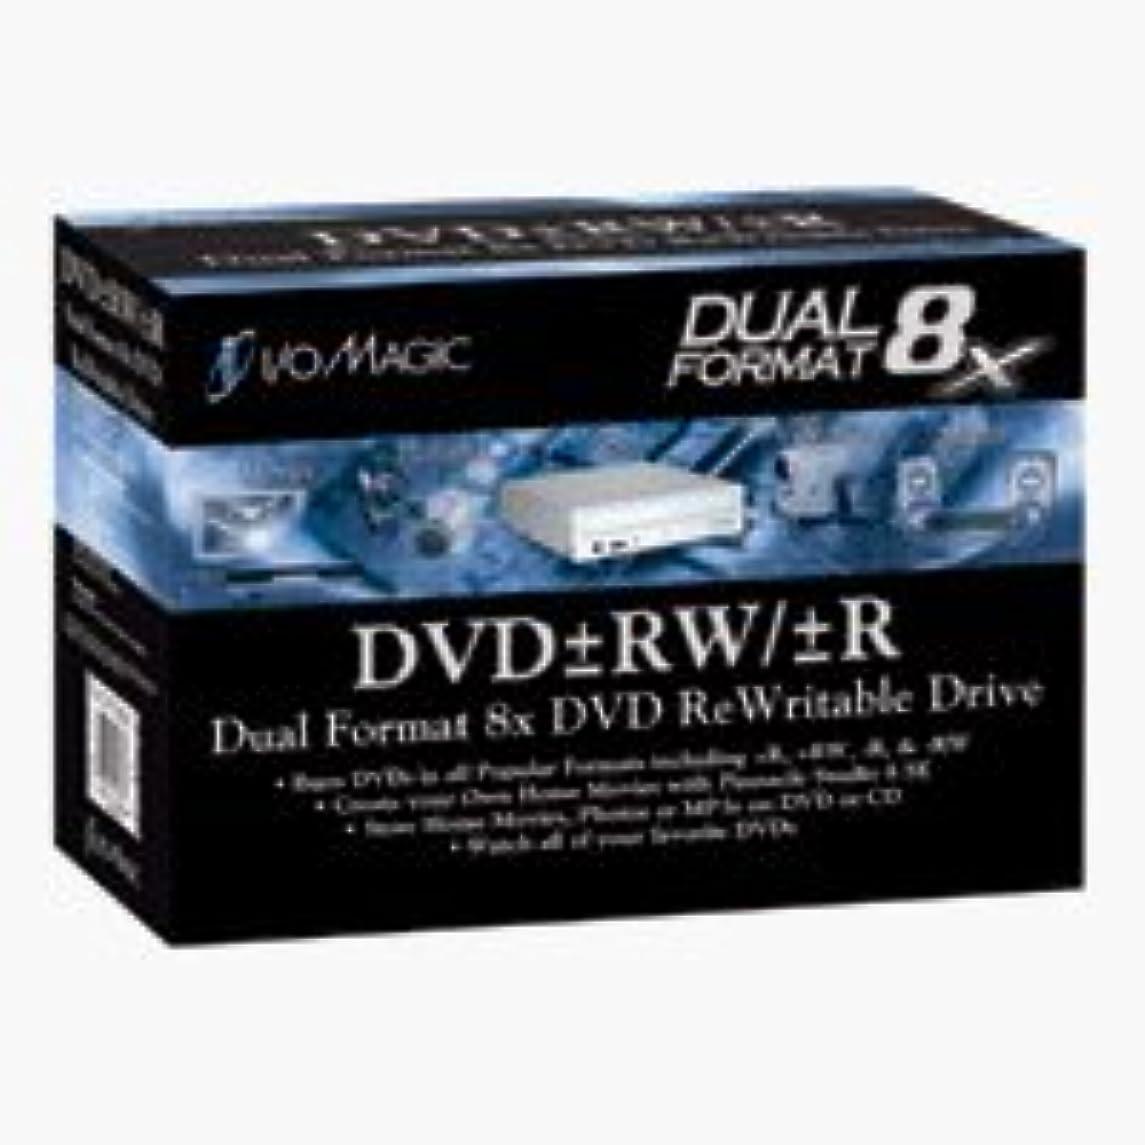 匿名インフレーション眠るI/O Magic Internal DVD+/-RW Drive (IDVDRW8D) (IDVDRW8D) [並行輸入品]